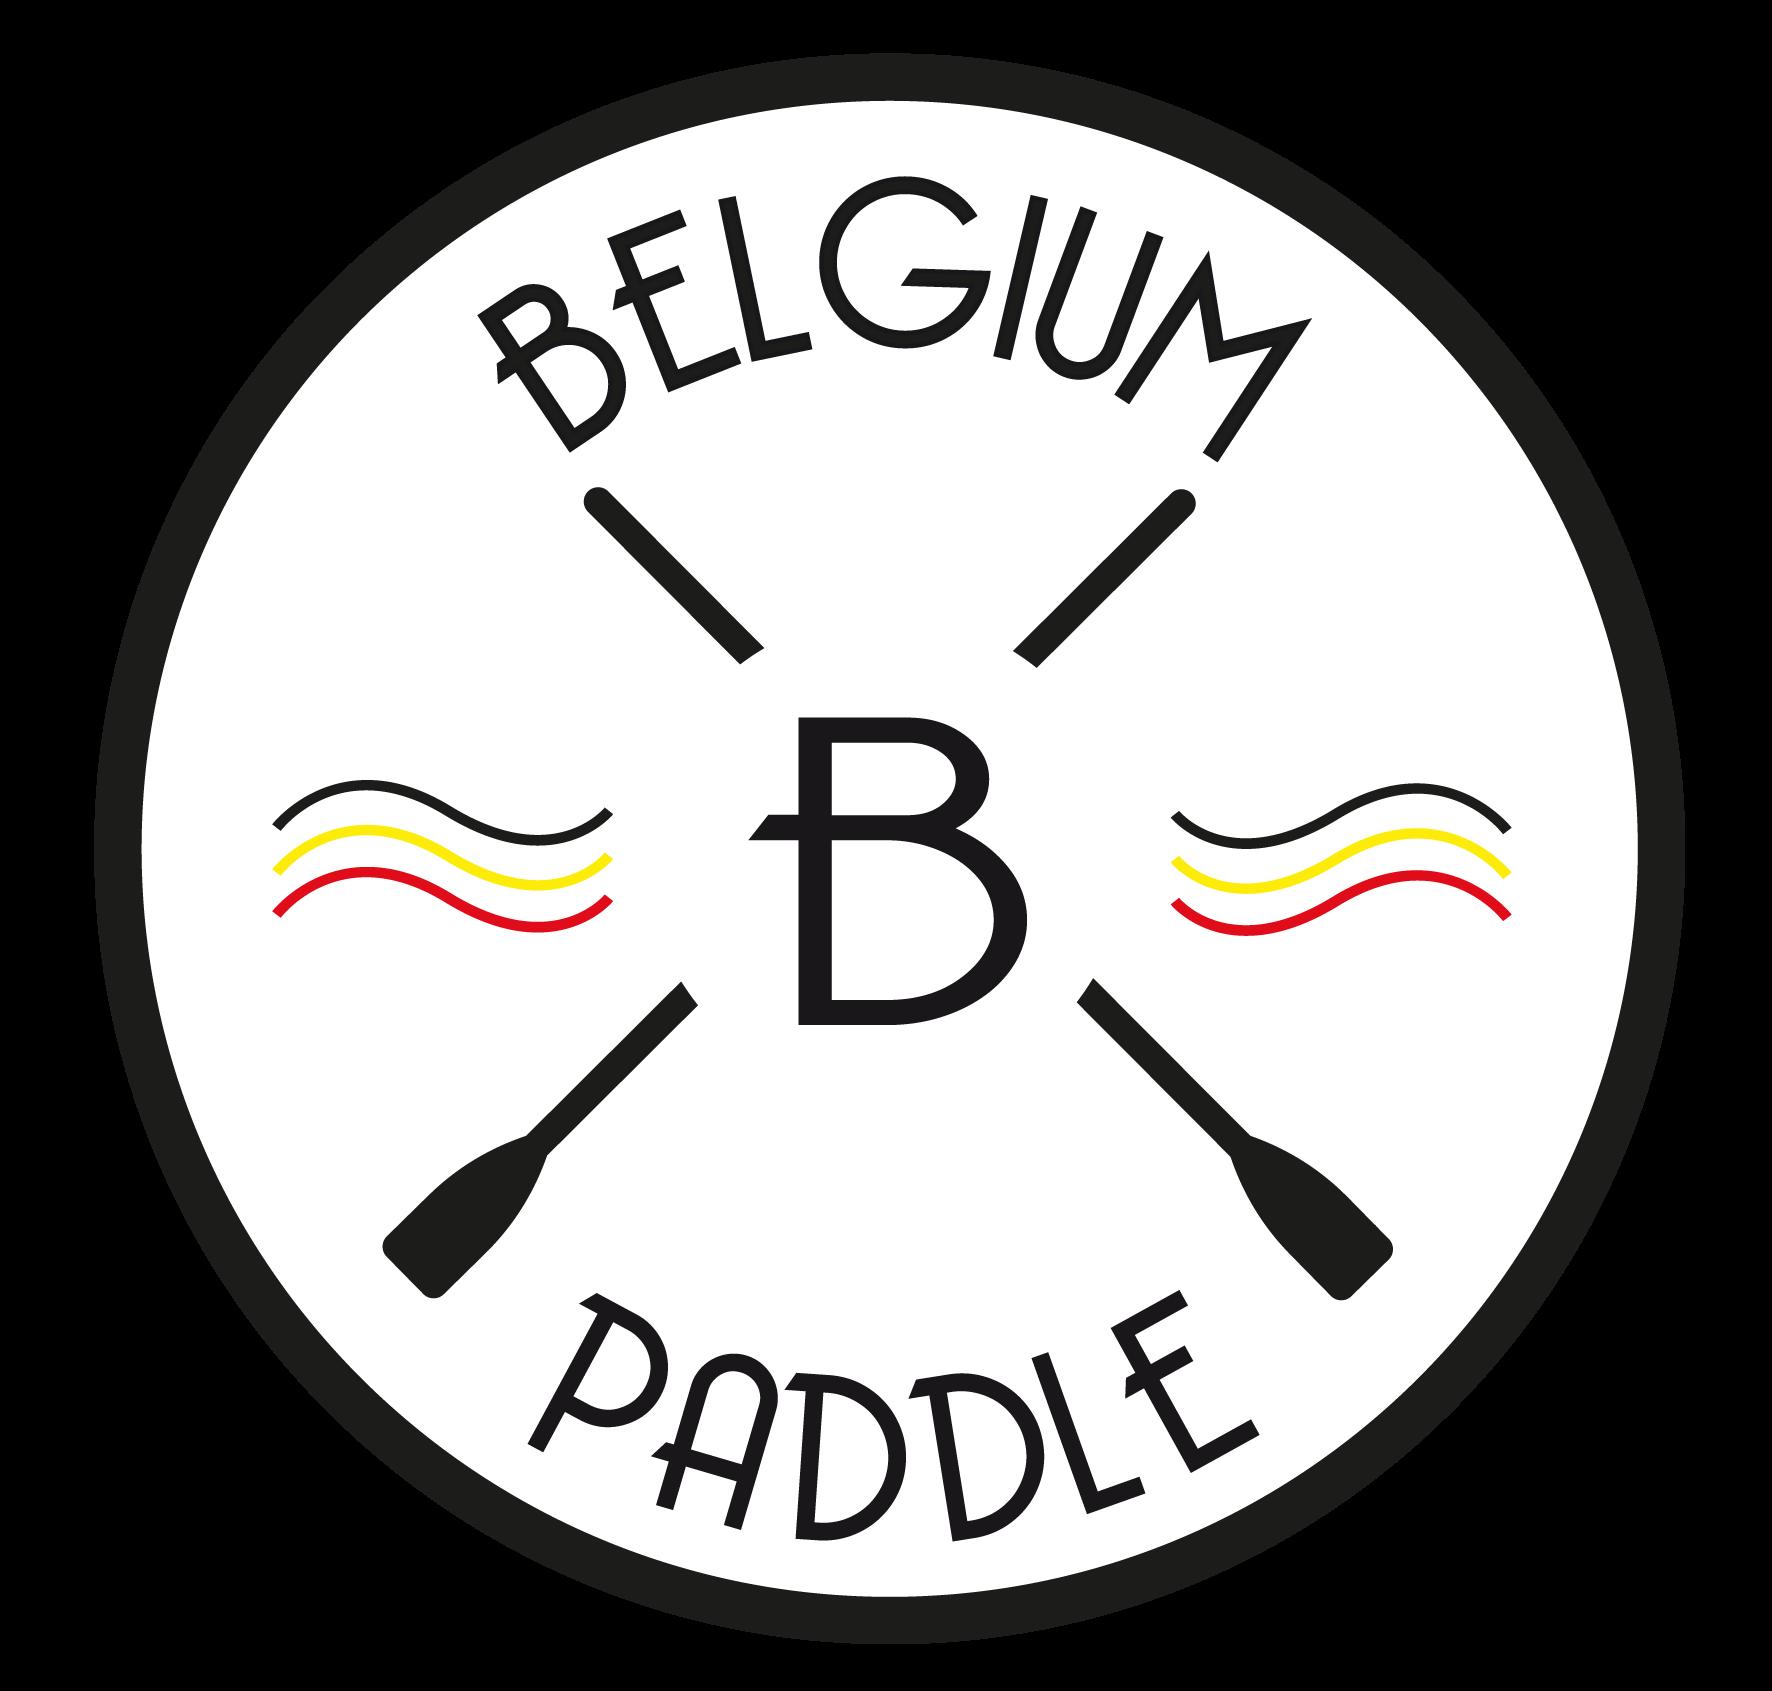 Belgium Paddle in Sud Press